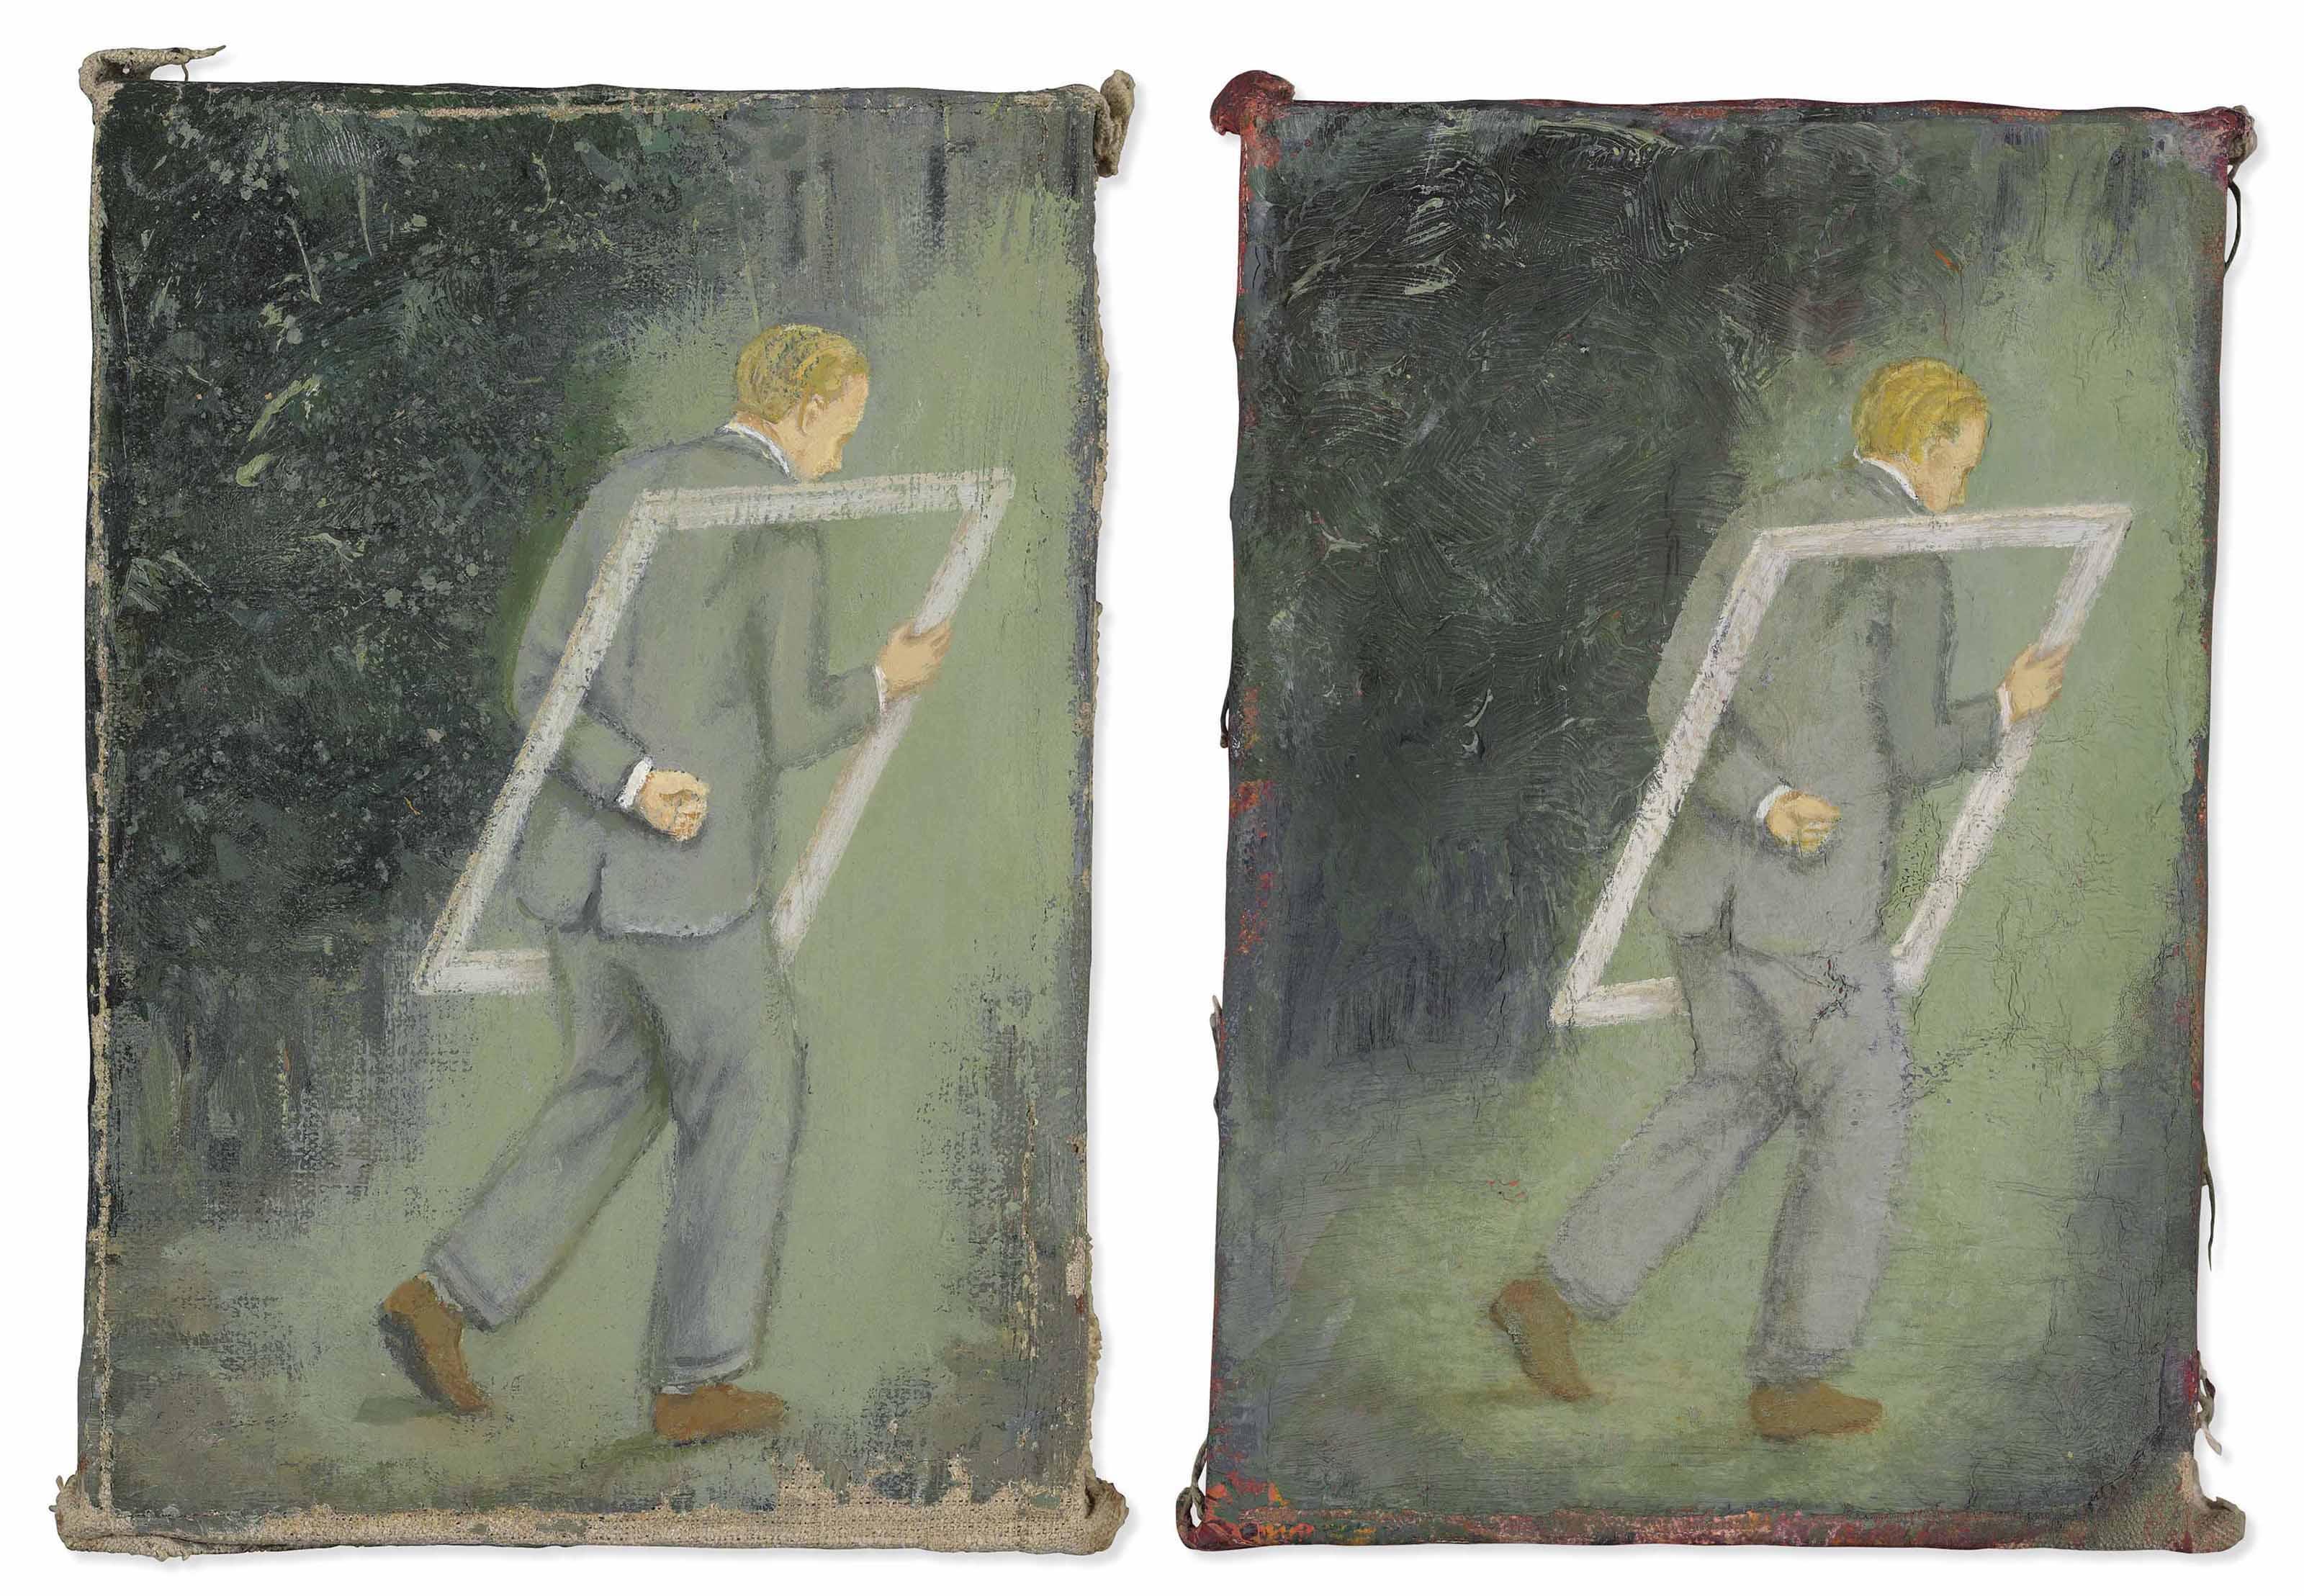 Déjà Vu (Walking a Painting)